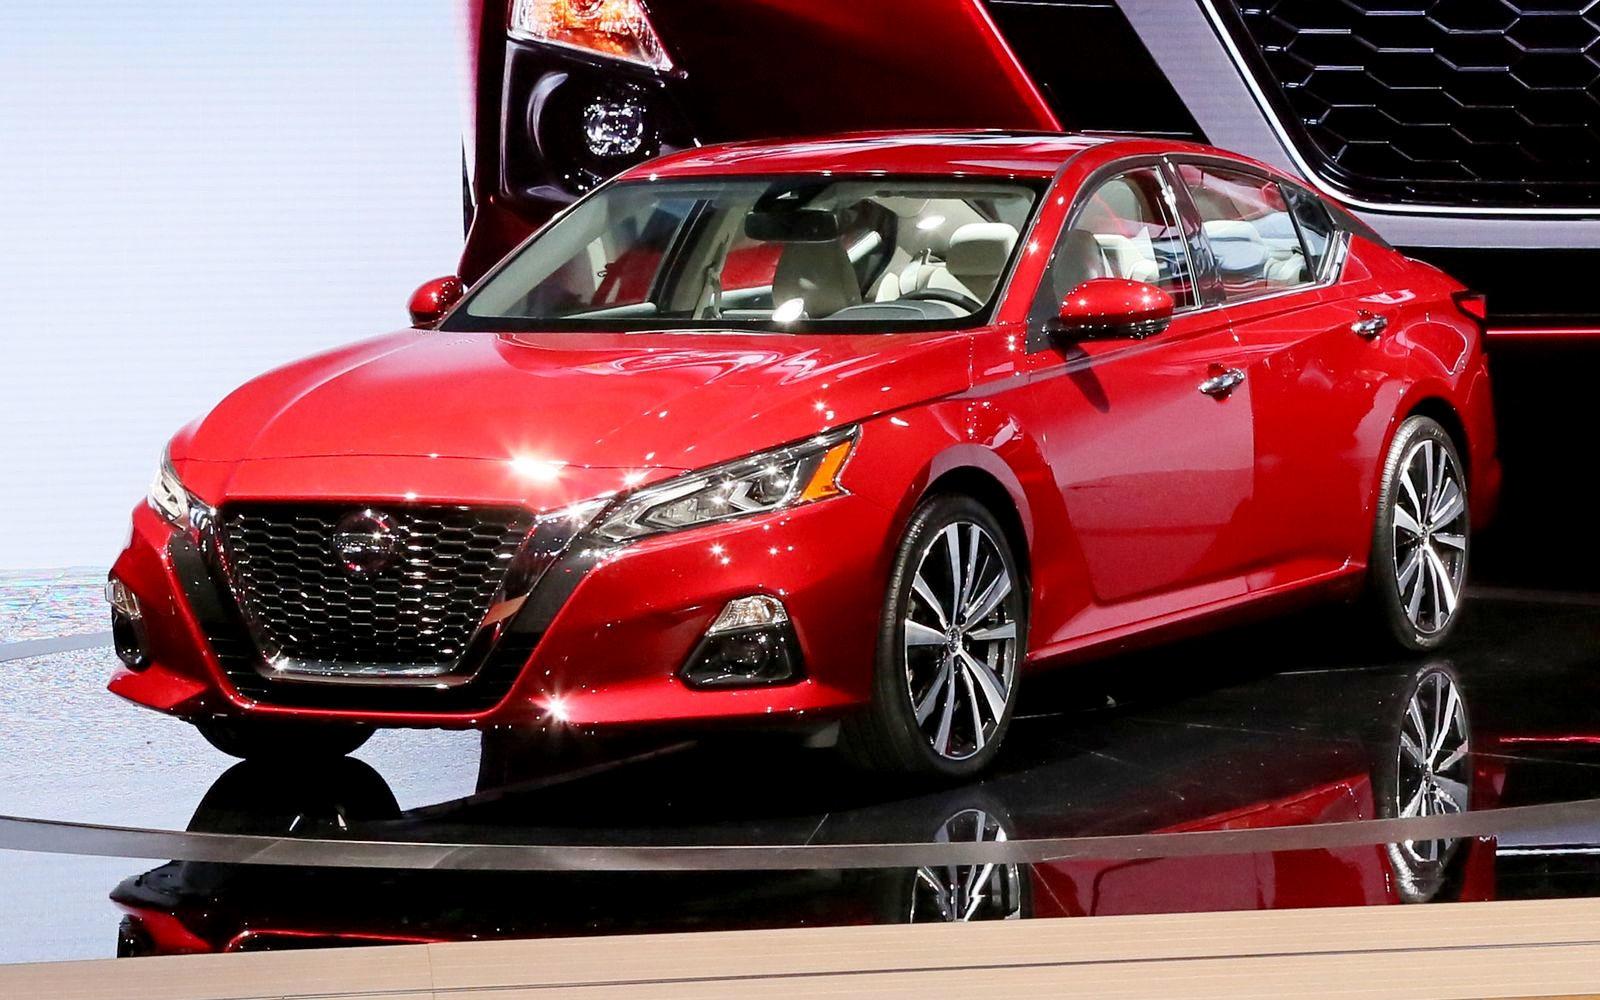 Teana, вернись: Nissan показал новый бизнес-седан